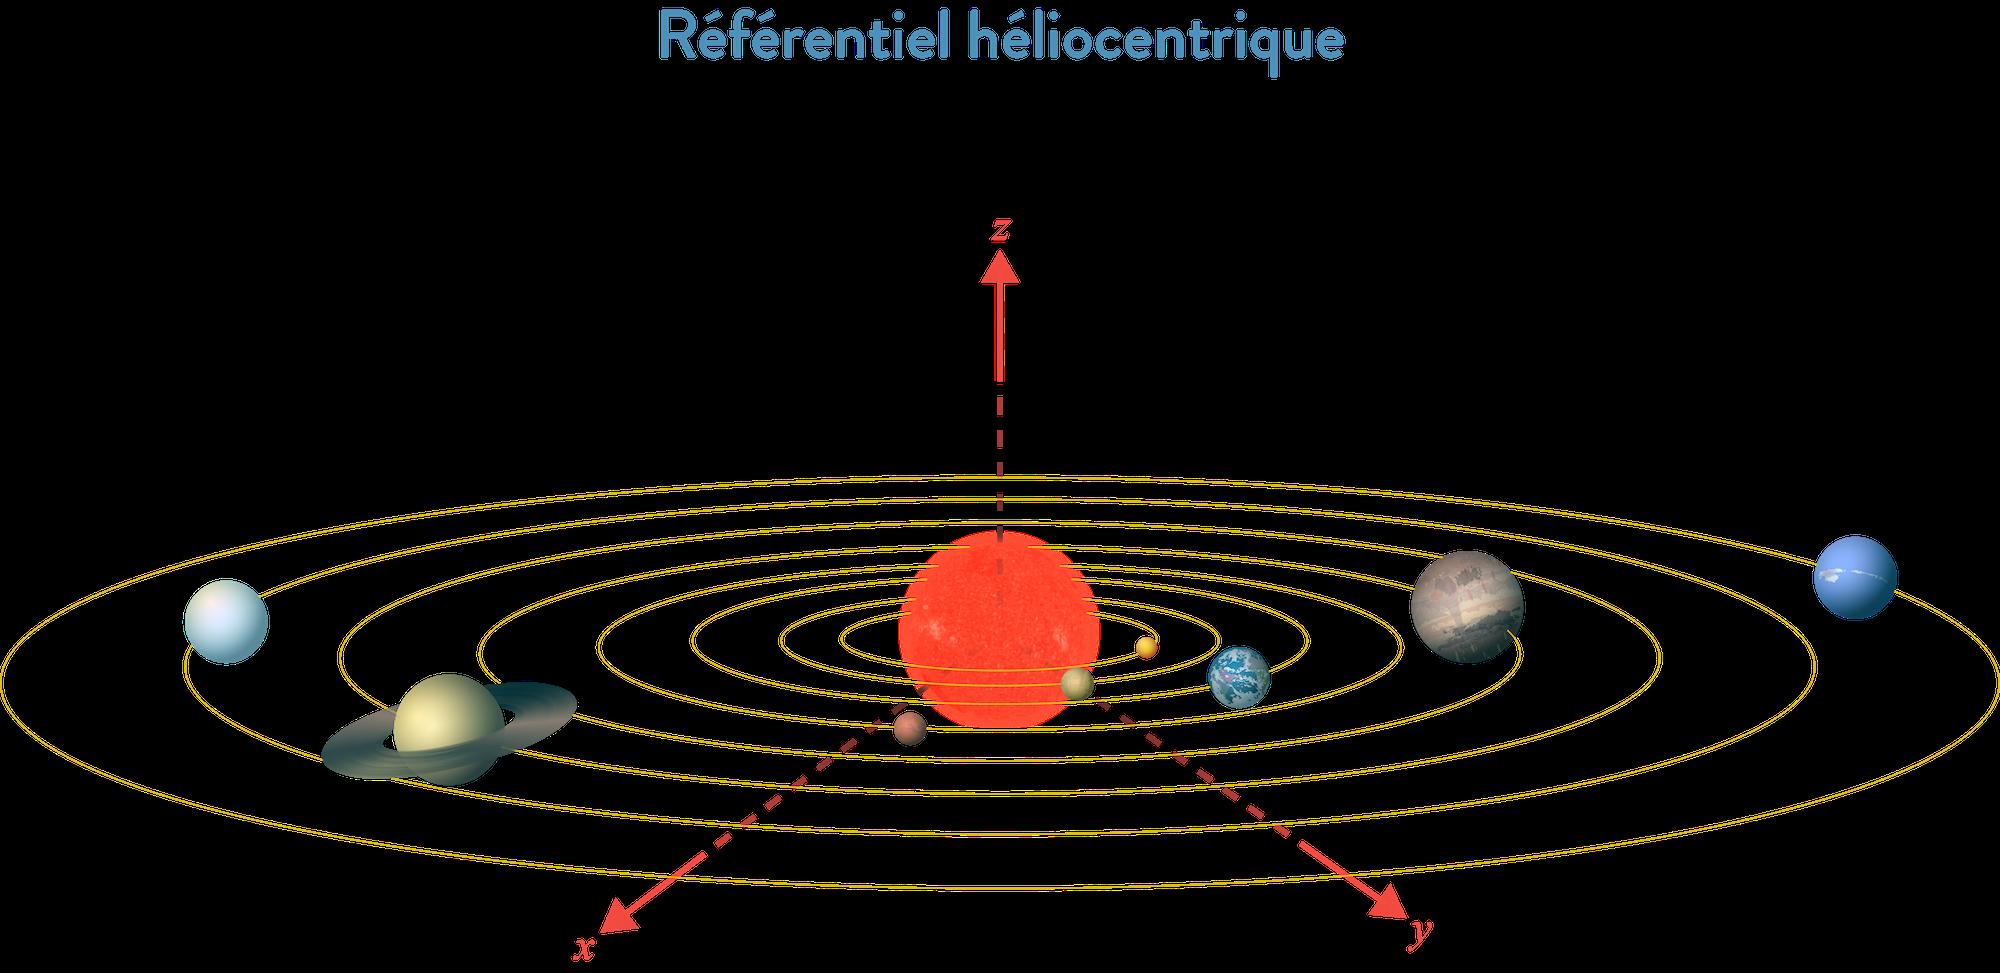 Référentiel héliocentrique 2nde